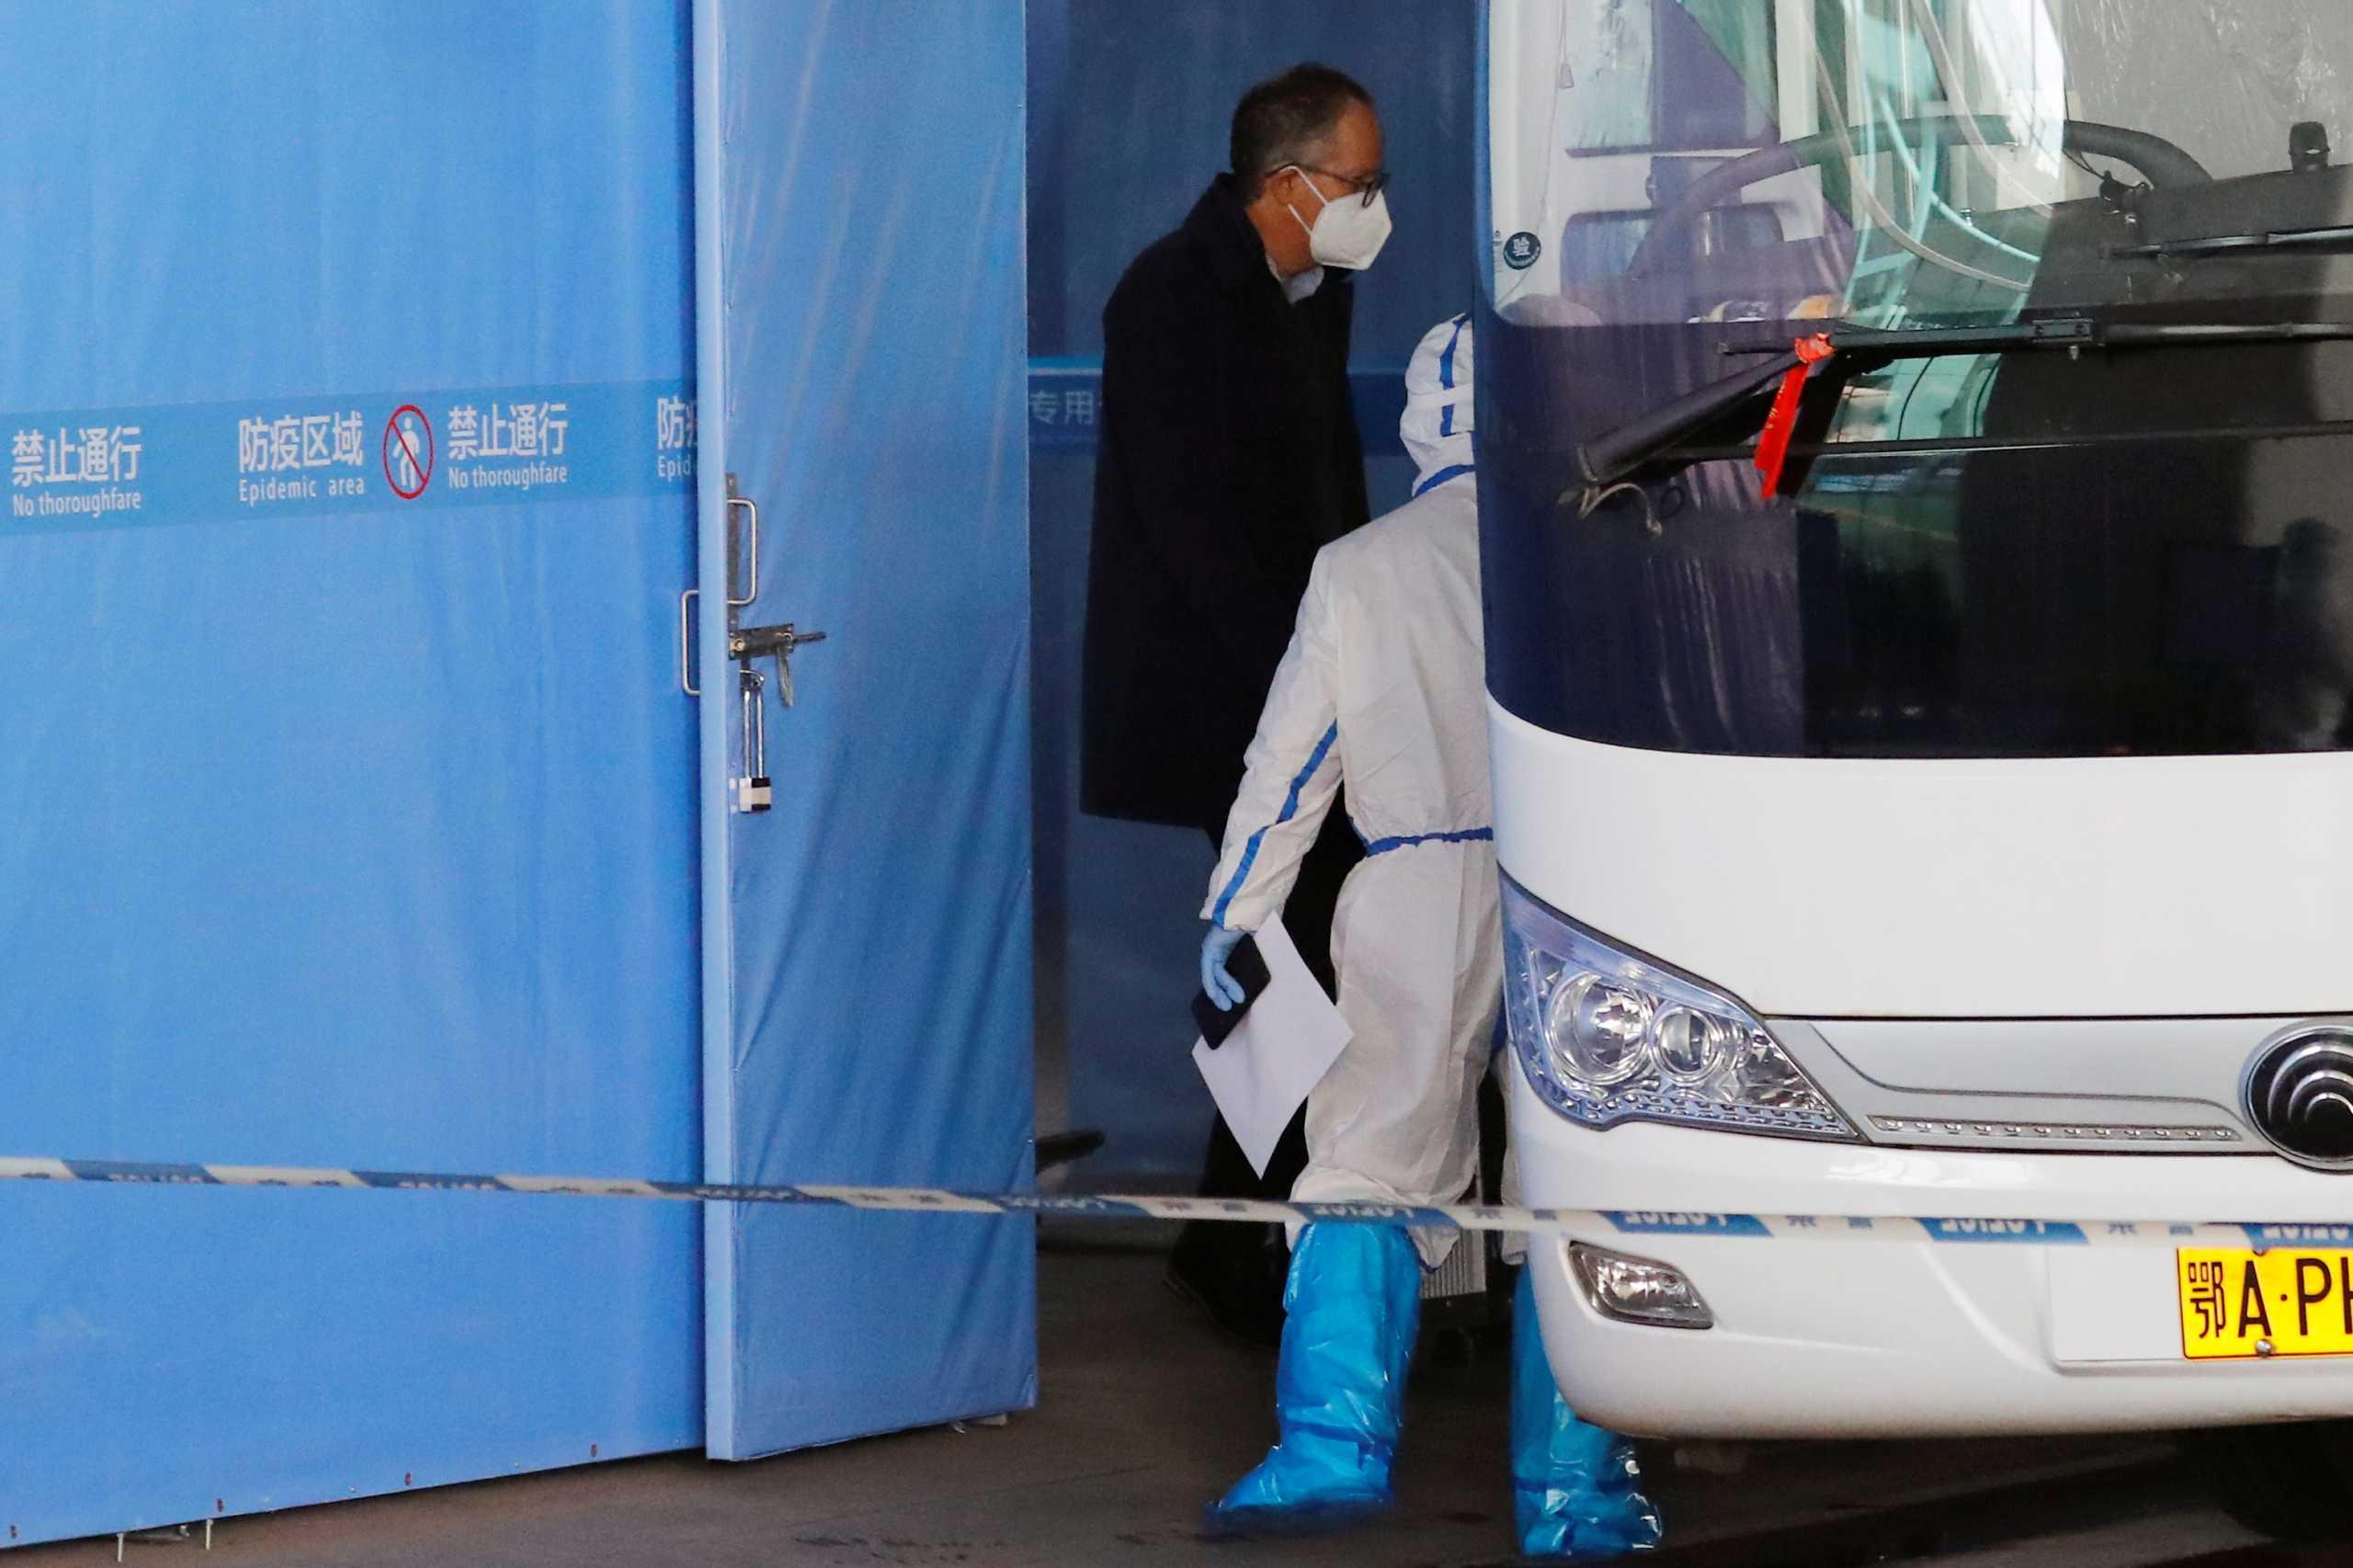 Κορονοϊός: Τελικά… την άλλη εβδομάδα η έκθεση του ΠΟΥ για την προέλευσή του